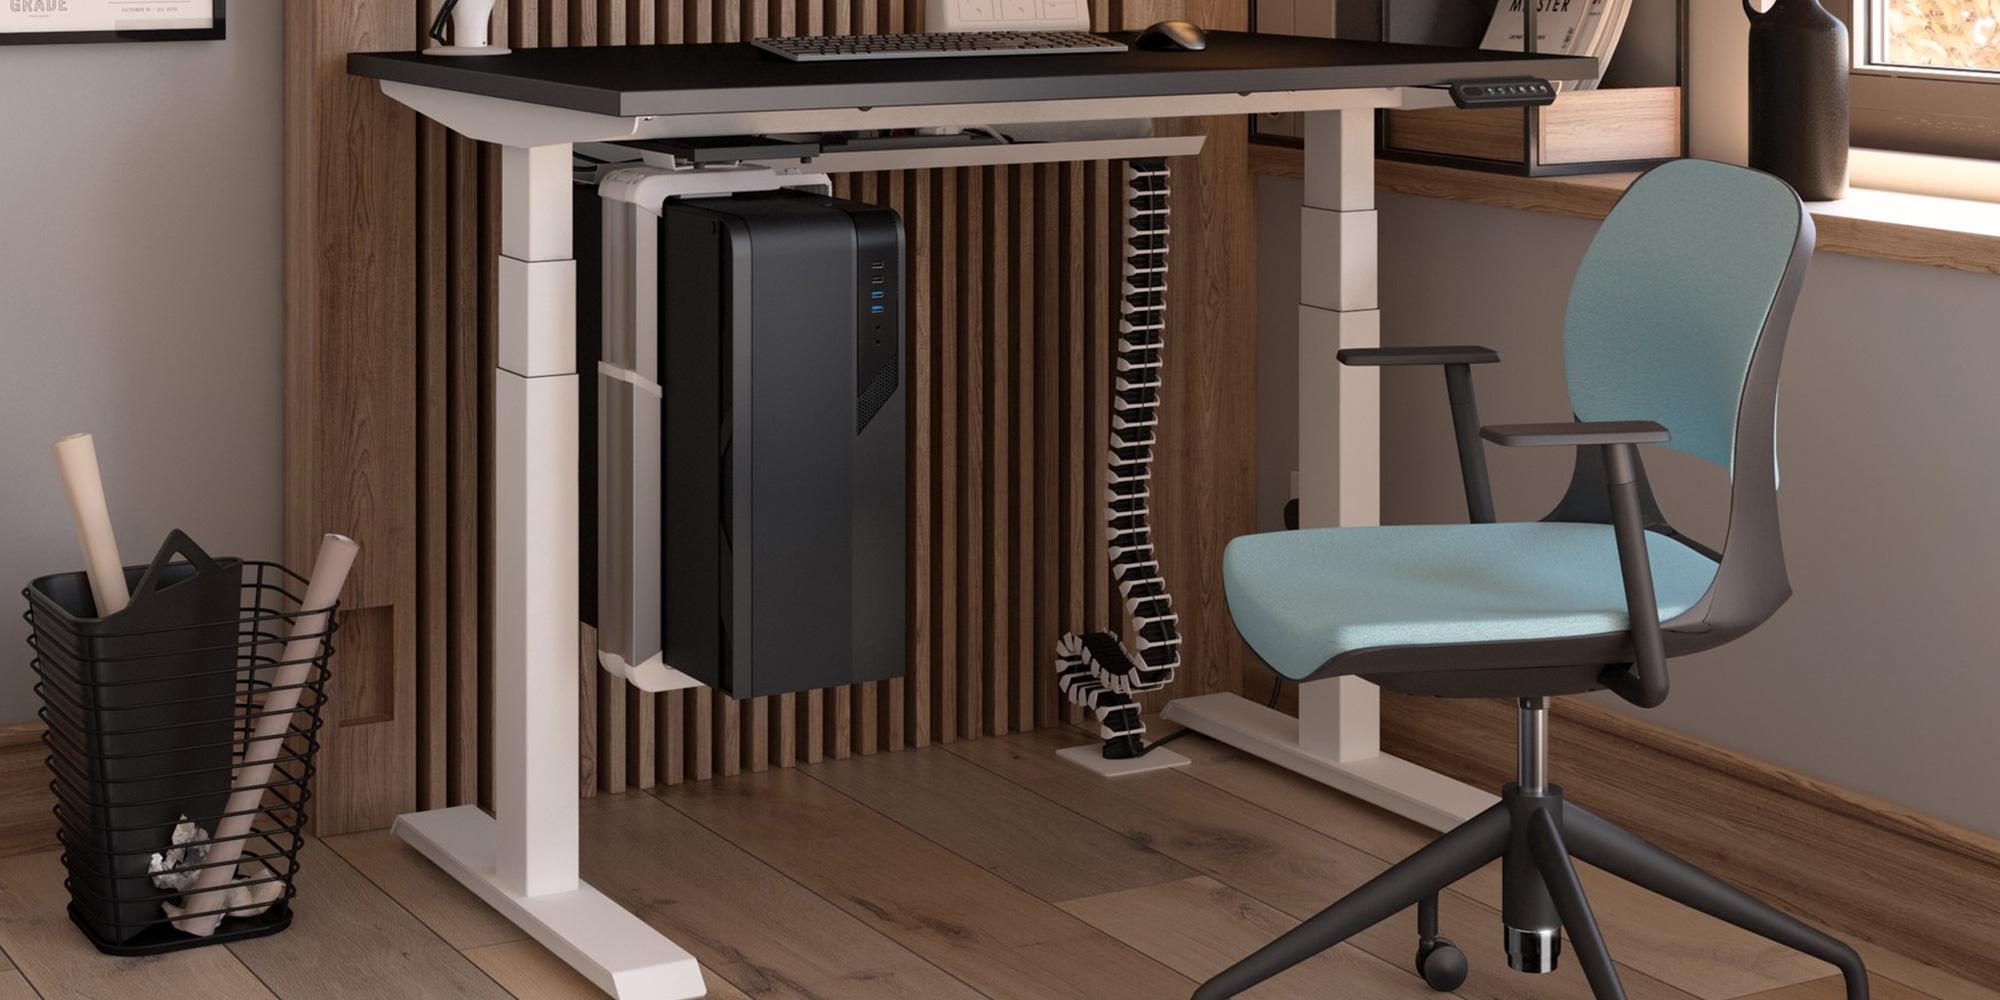 Home Progress Plus Roomset